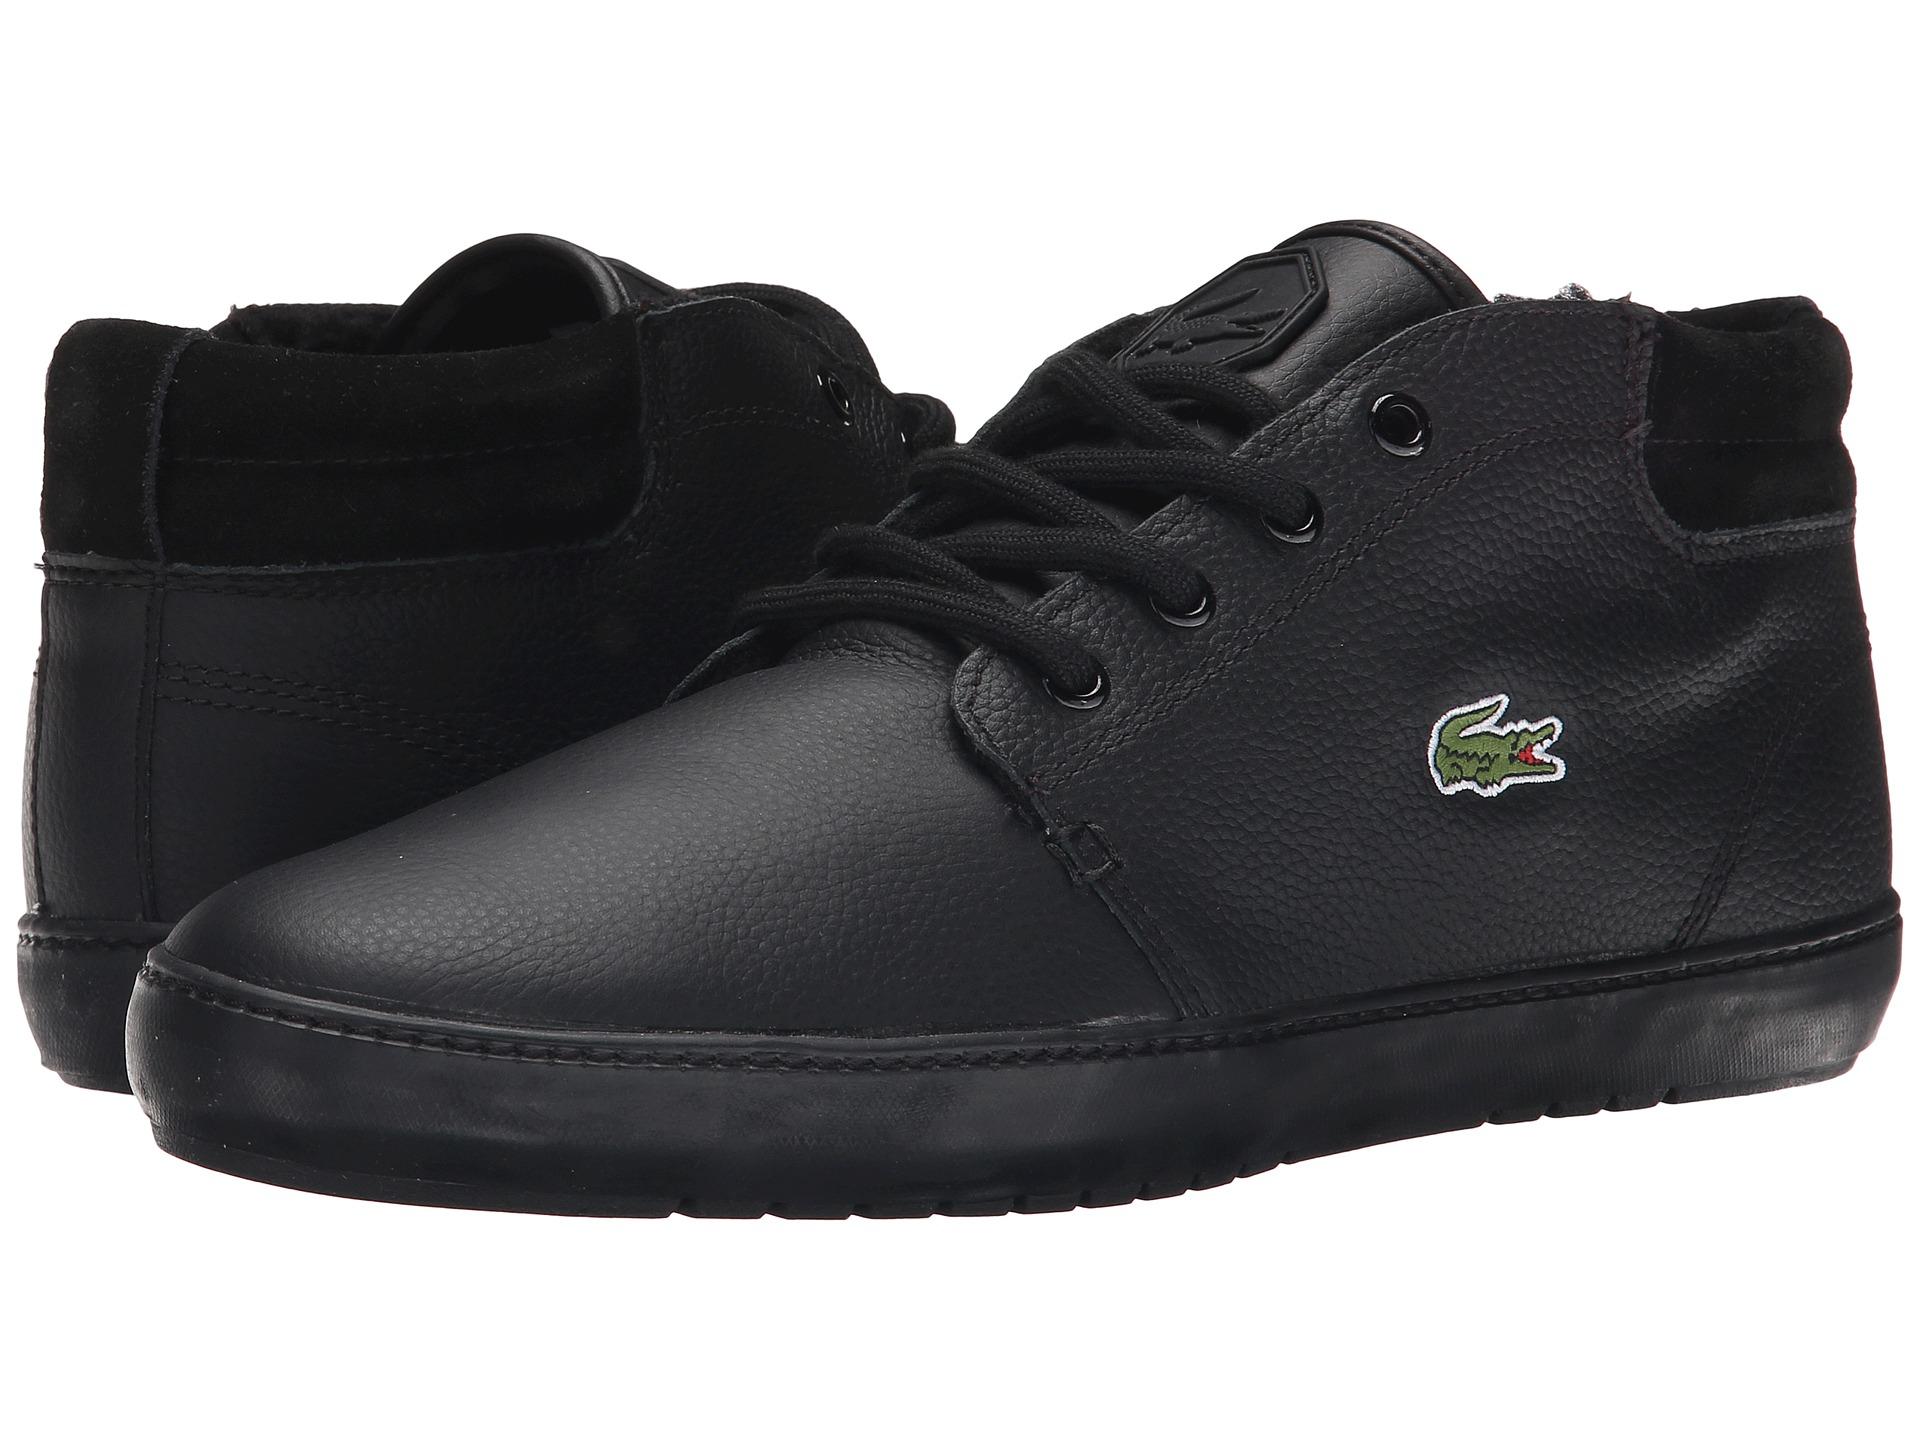 6ed6babbb Lyst - Lacoste Ampthill Terra Put in Black for Men